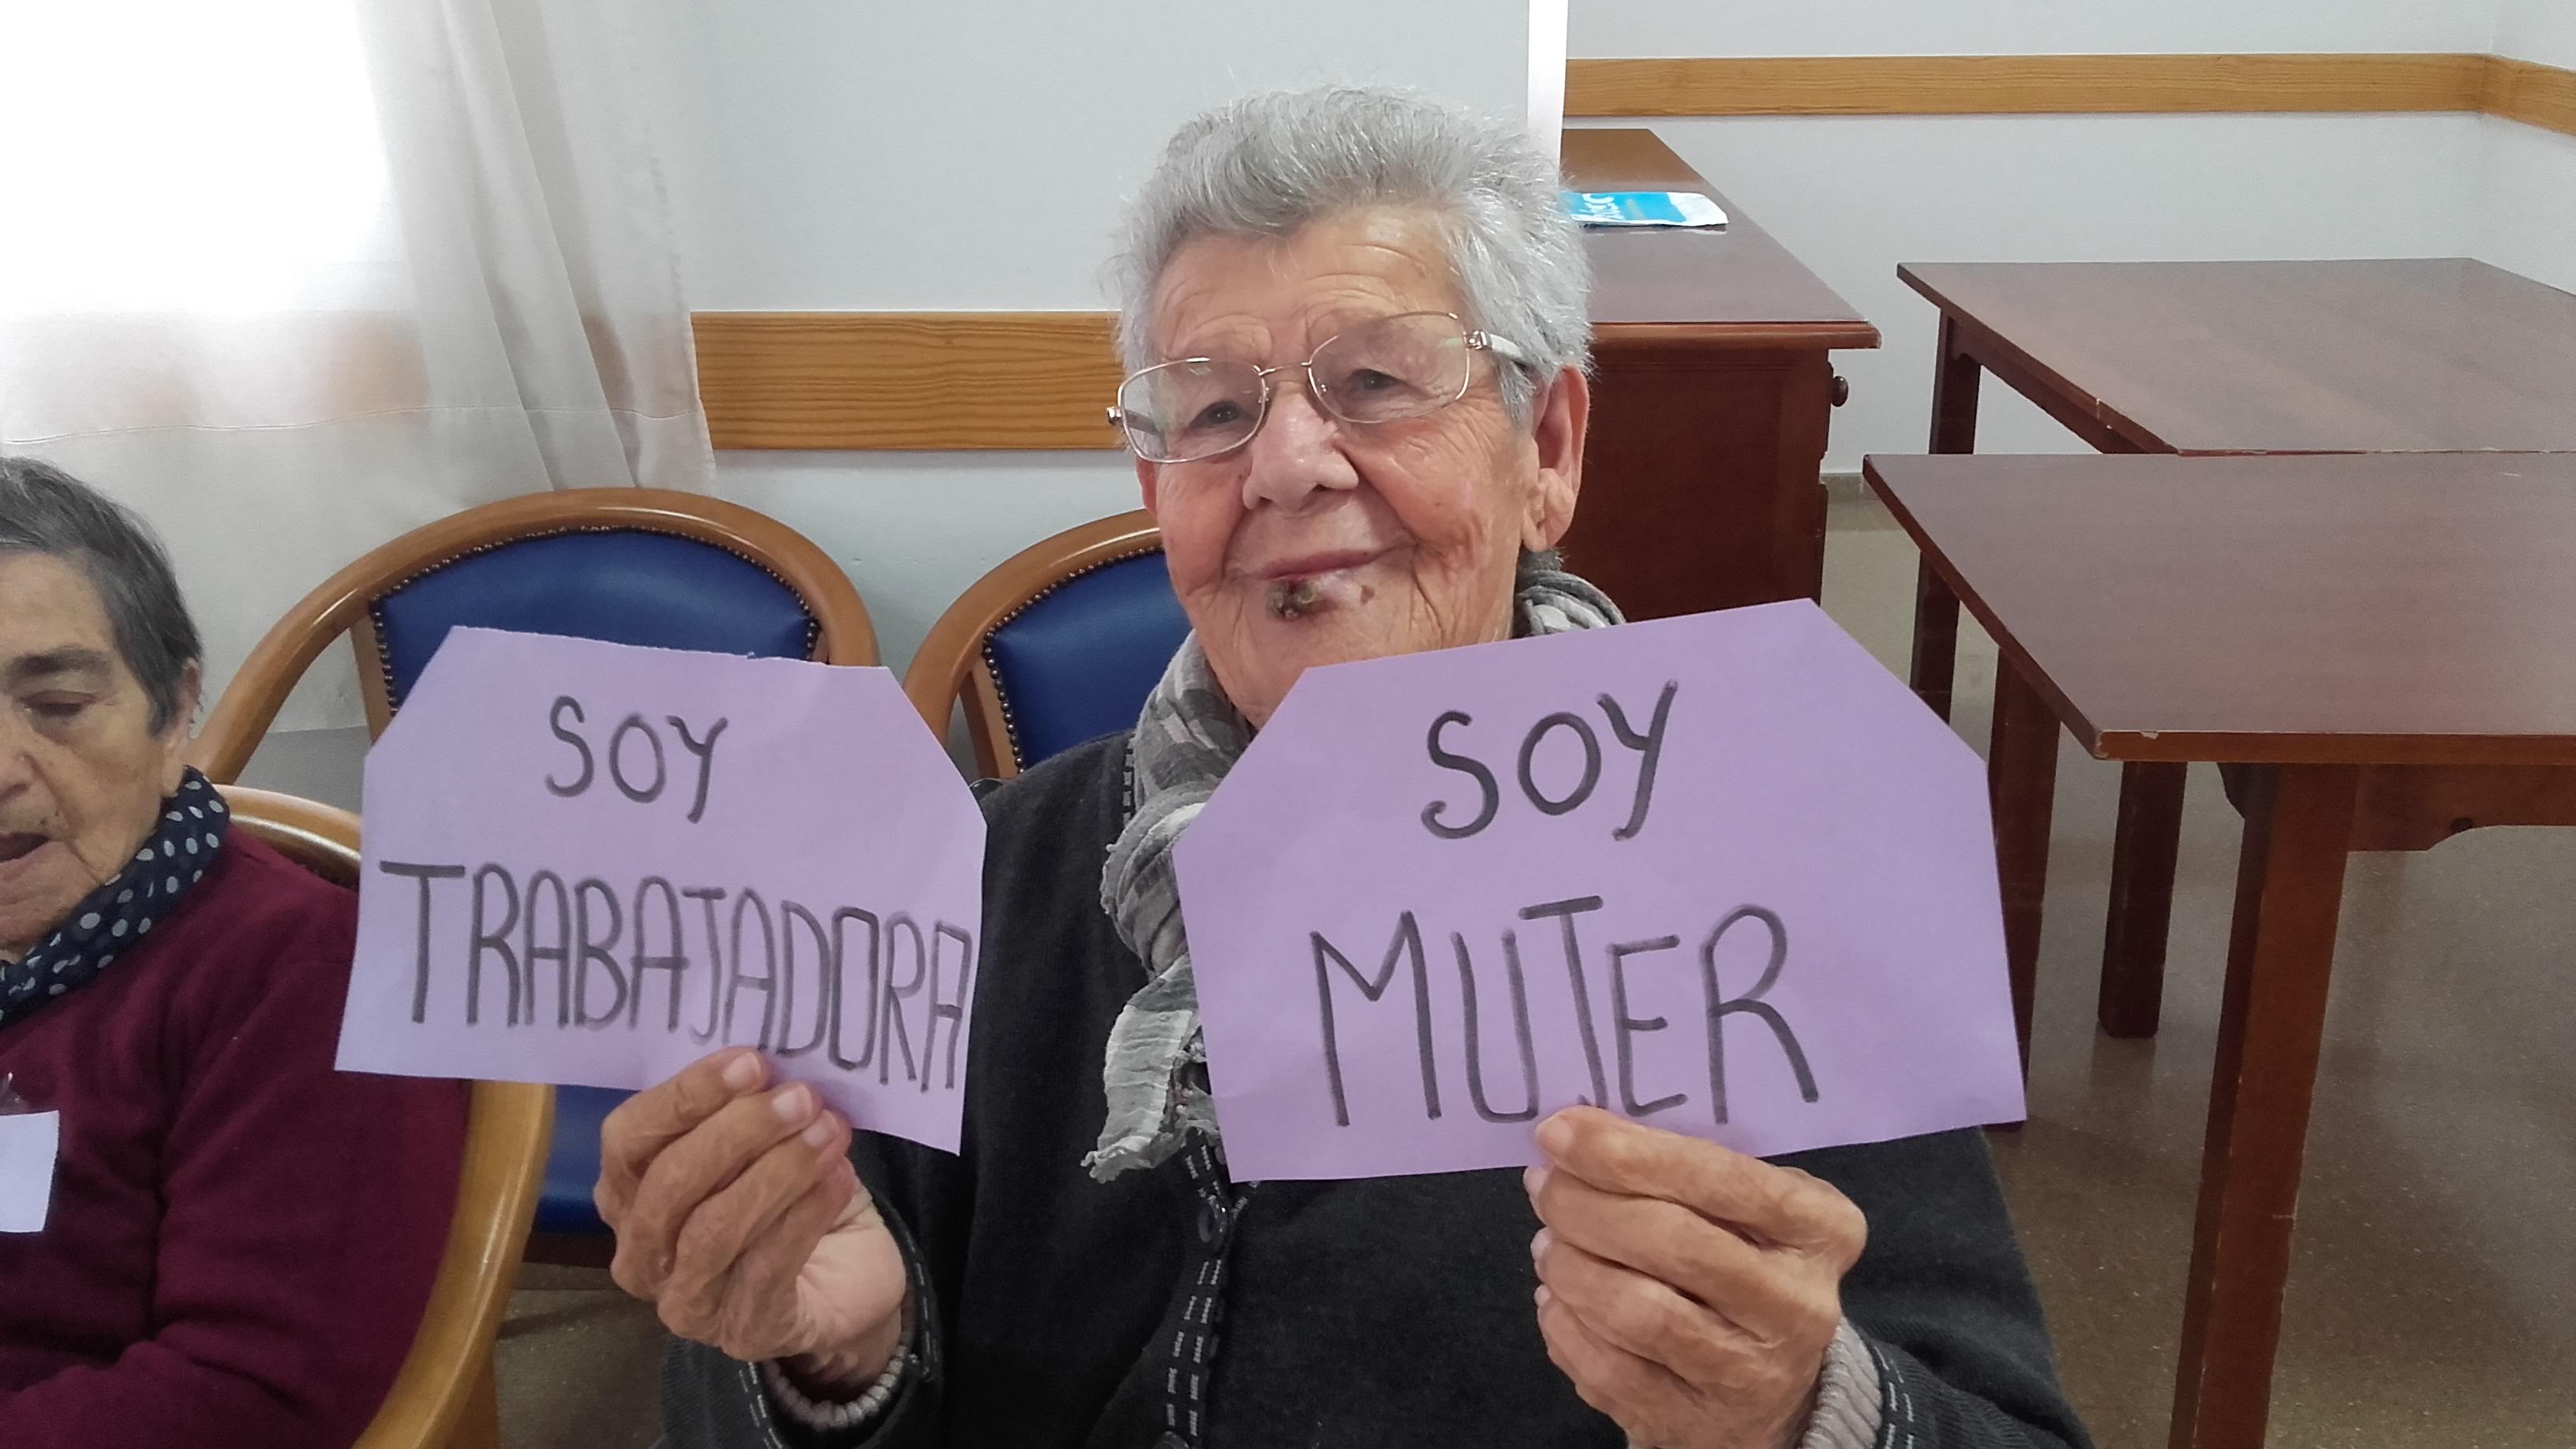 Día de la mujer en lnmaculada Concepción DomusVi